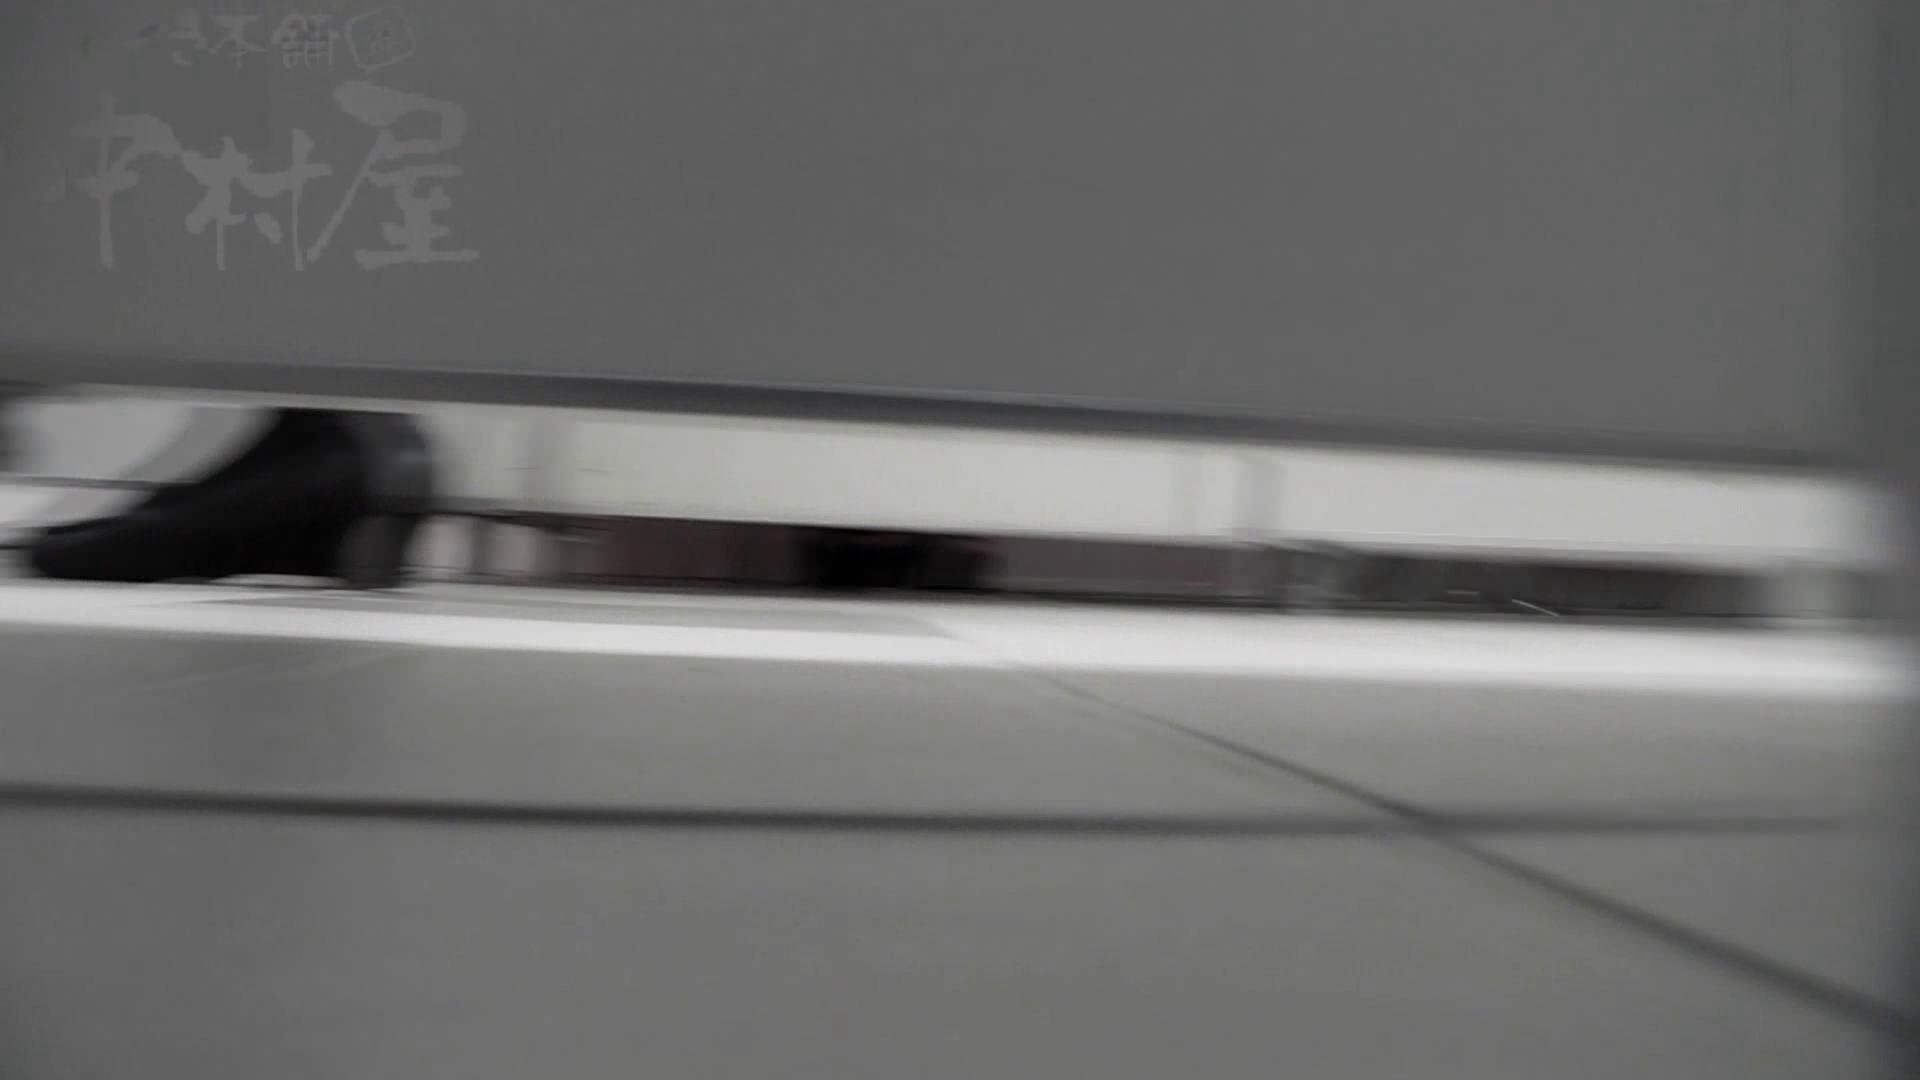 美しい日本の未来 No.06 更に侵入フロント究極な画質 盗撮大放出  76連発 50